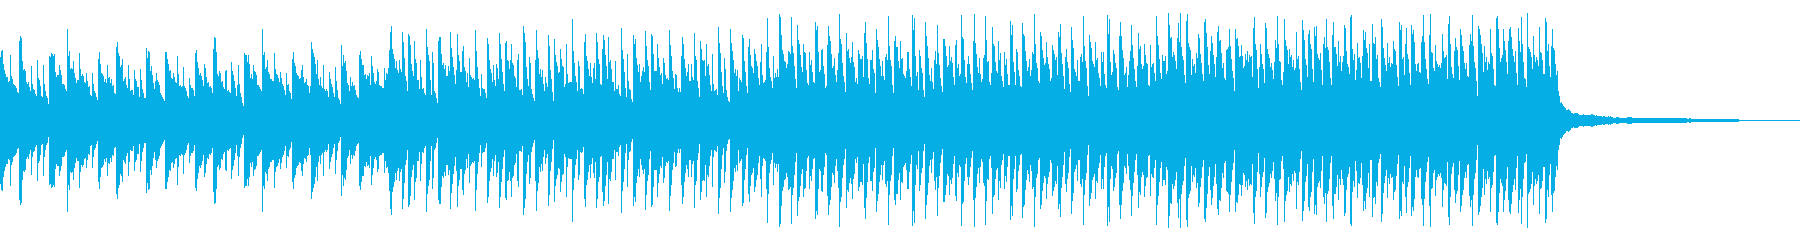 ショートver 感動的 壮大 未来感の再生済みの波形